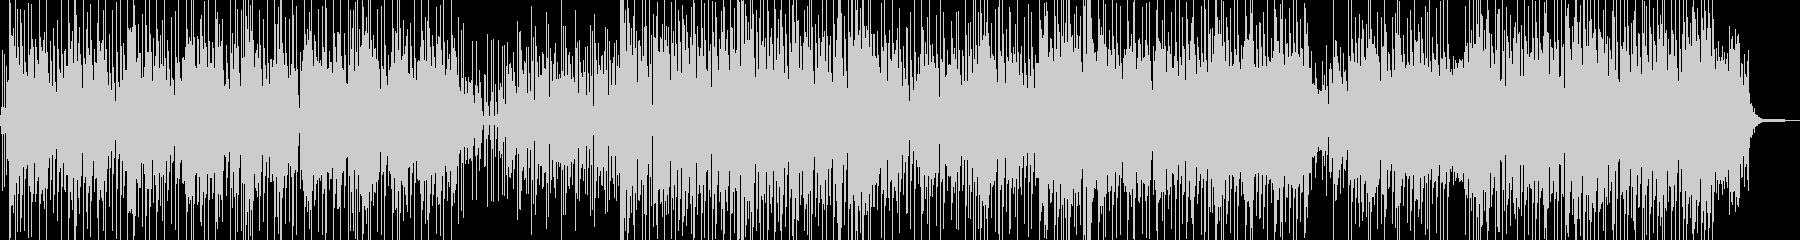 南国ムード ご機嫌なレゲェ Aの未再生の波形